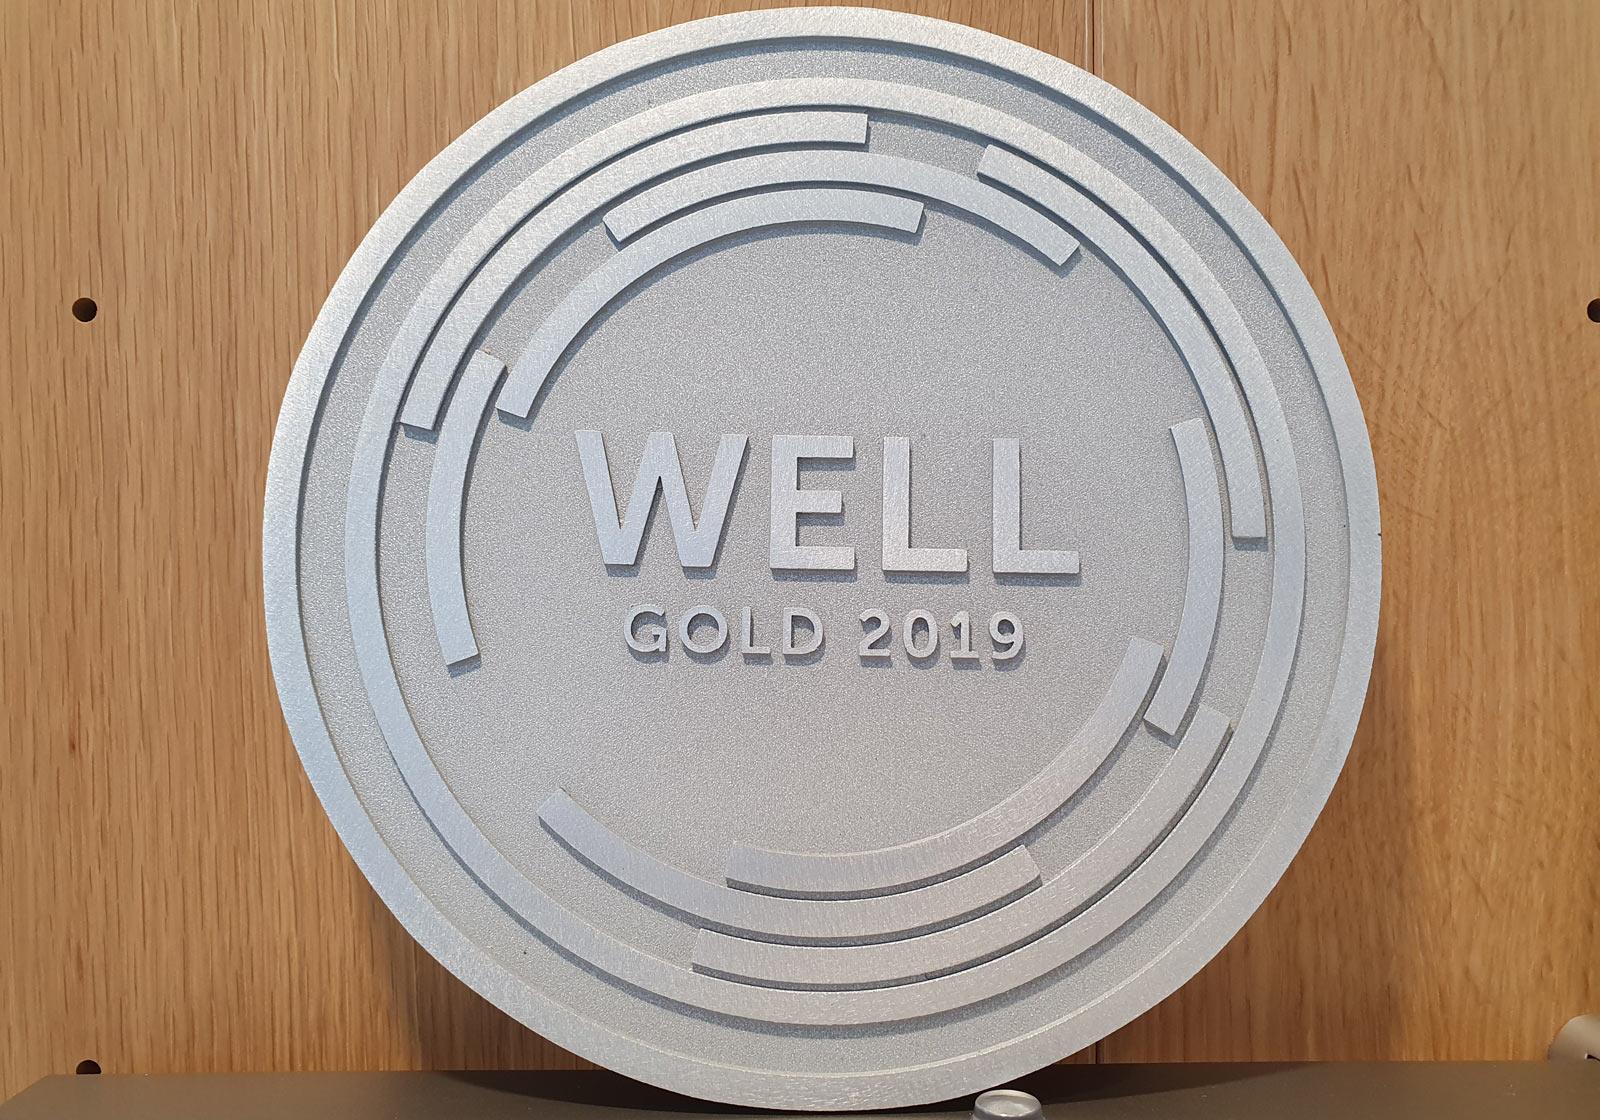 WELL-Gold-Zertifizierung